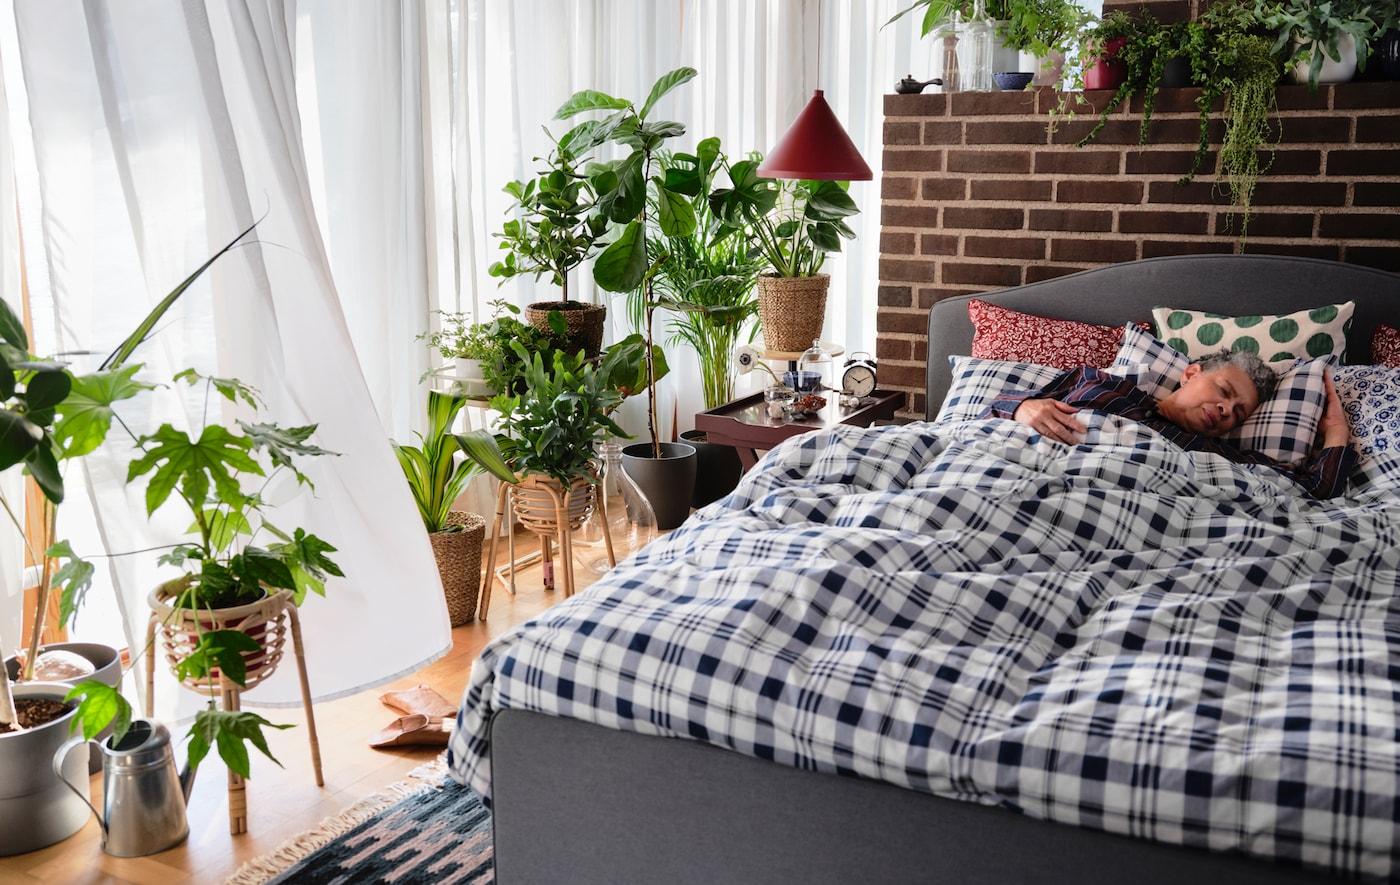 Una donna dorme su una struttura letto imbottita con un copripiumino a quadri e circondata da piante - IKEA